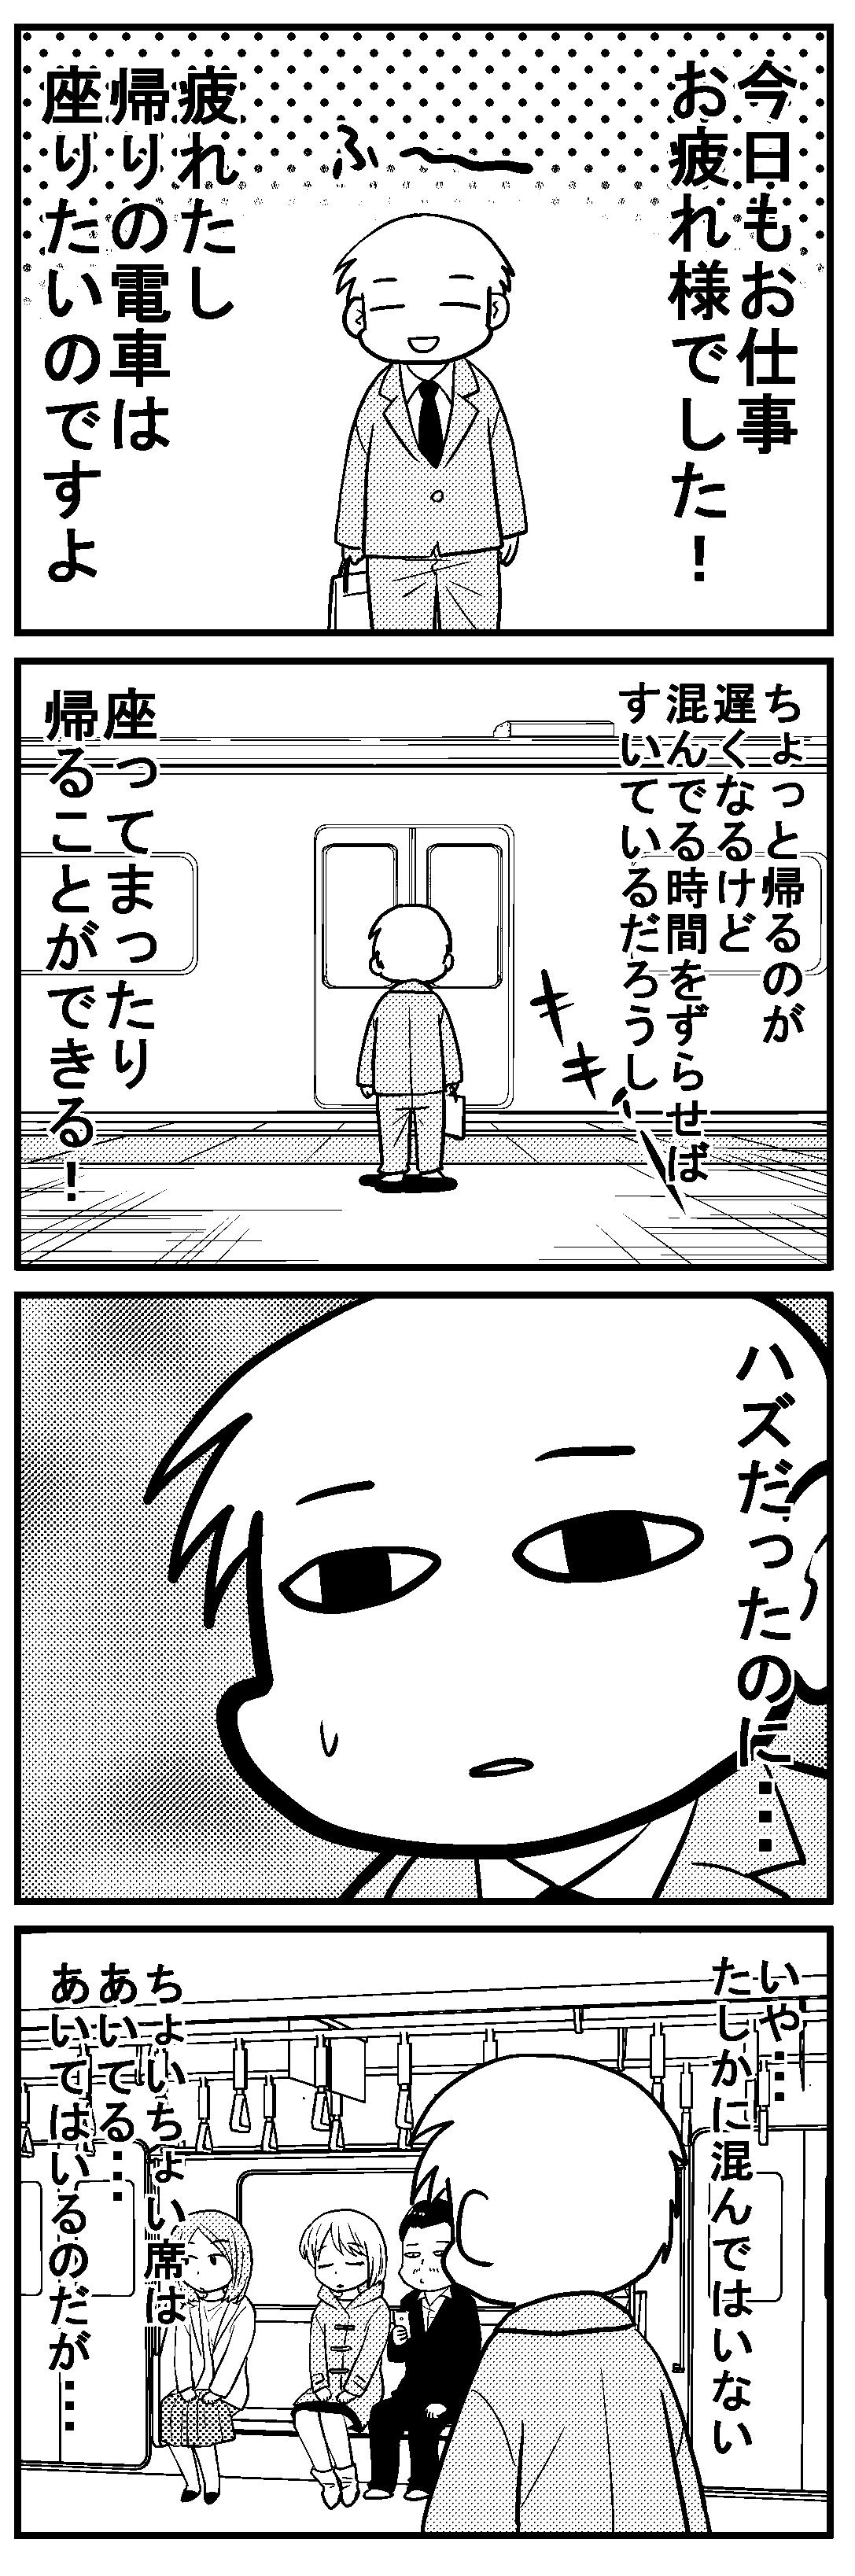 深読みくん39-1